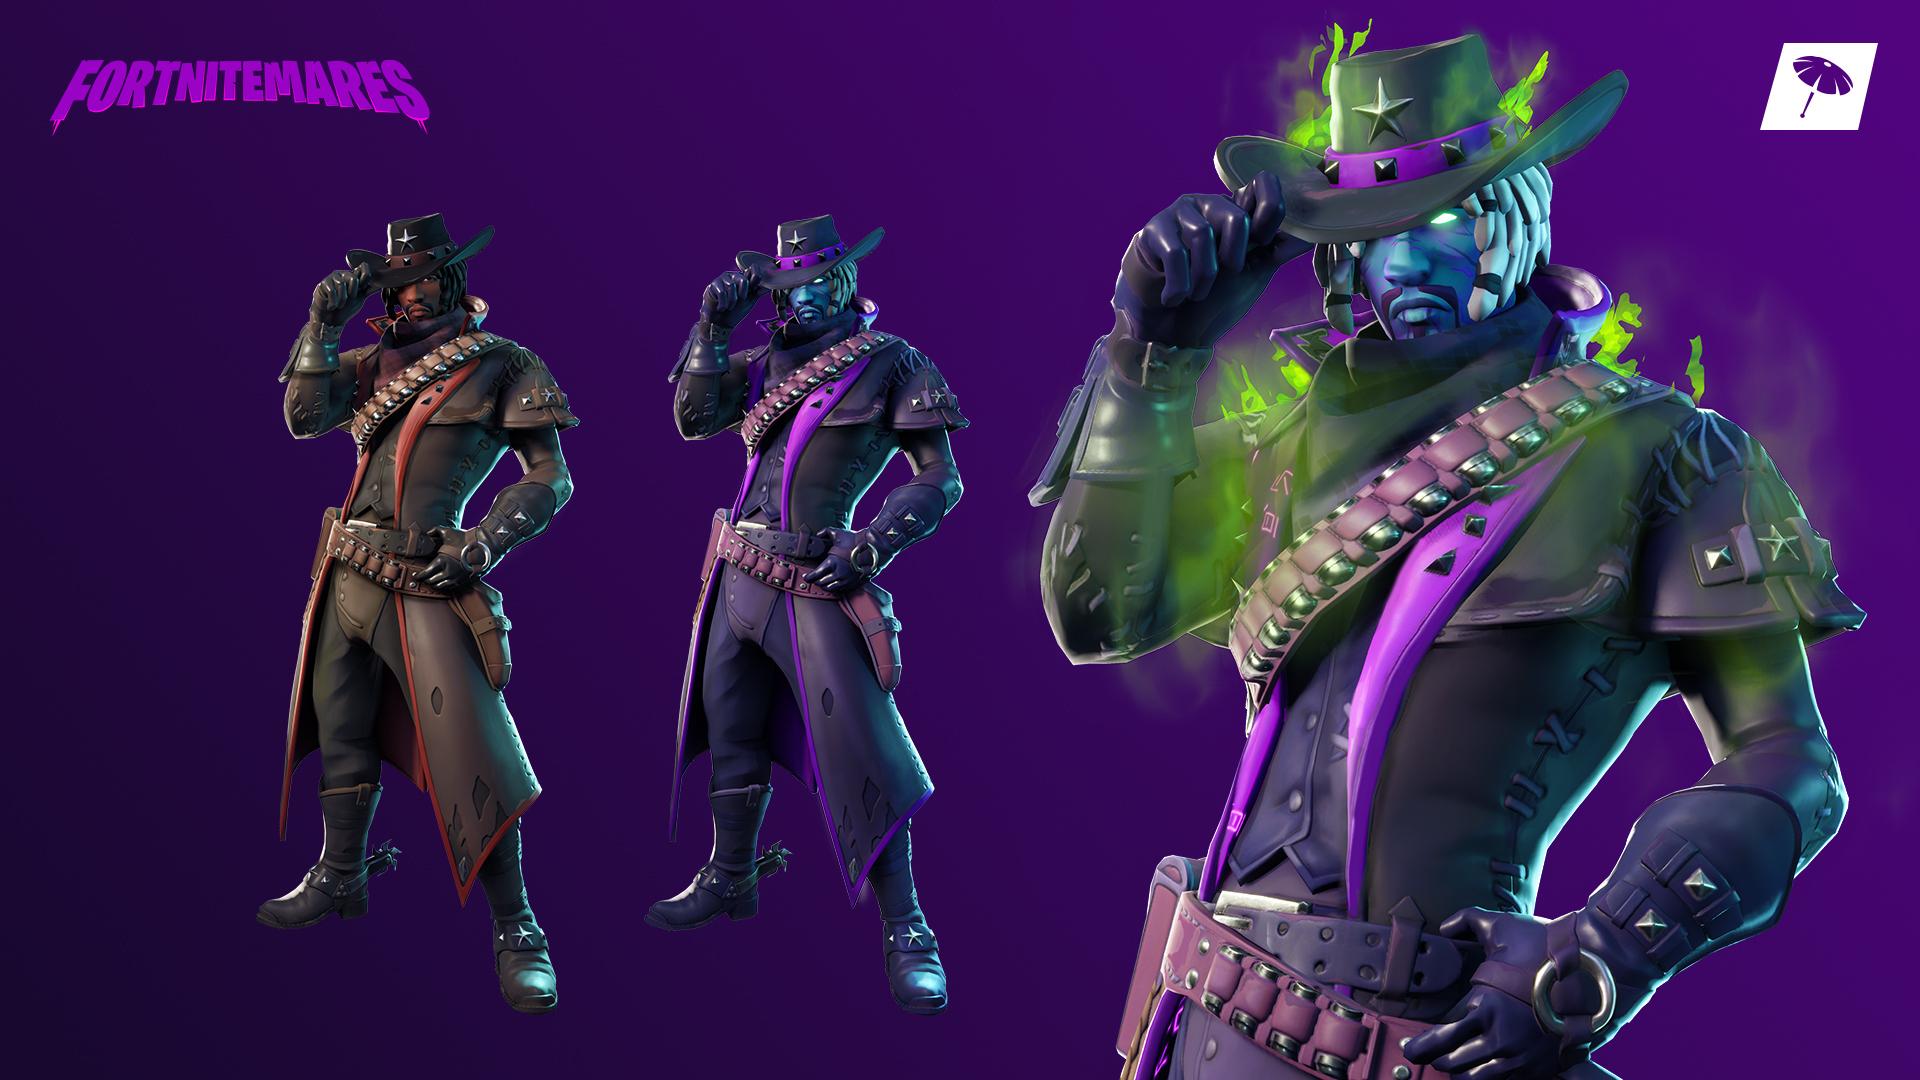 le skin l implacable est le premier skin reactif de fortnite source epic games - tout les nom des skin fortnite